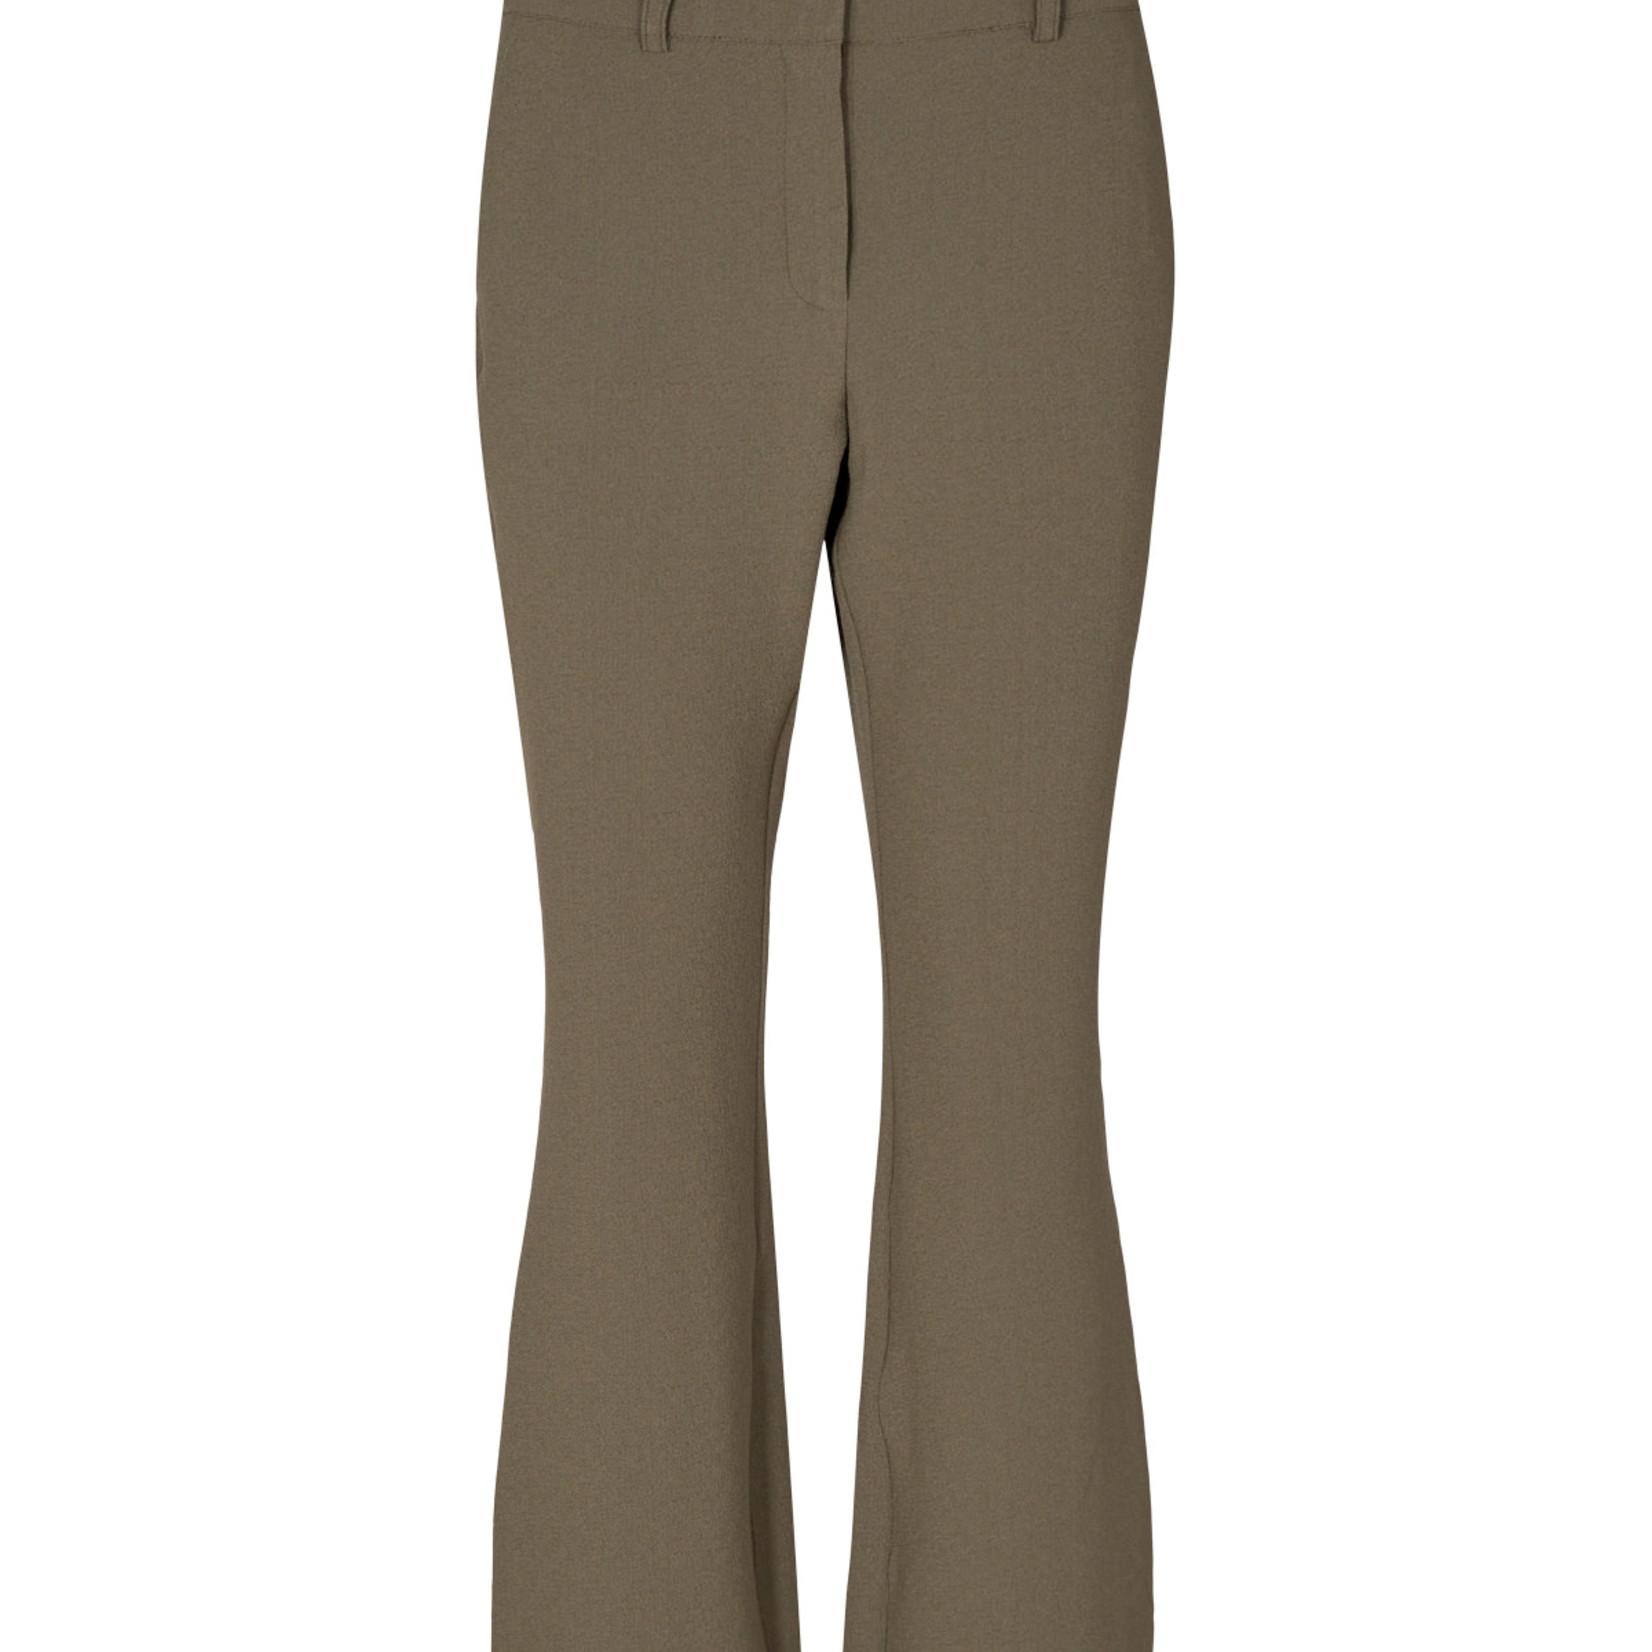 NÜMPH NUKENDALL PANT, flared pantalon